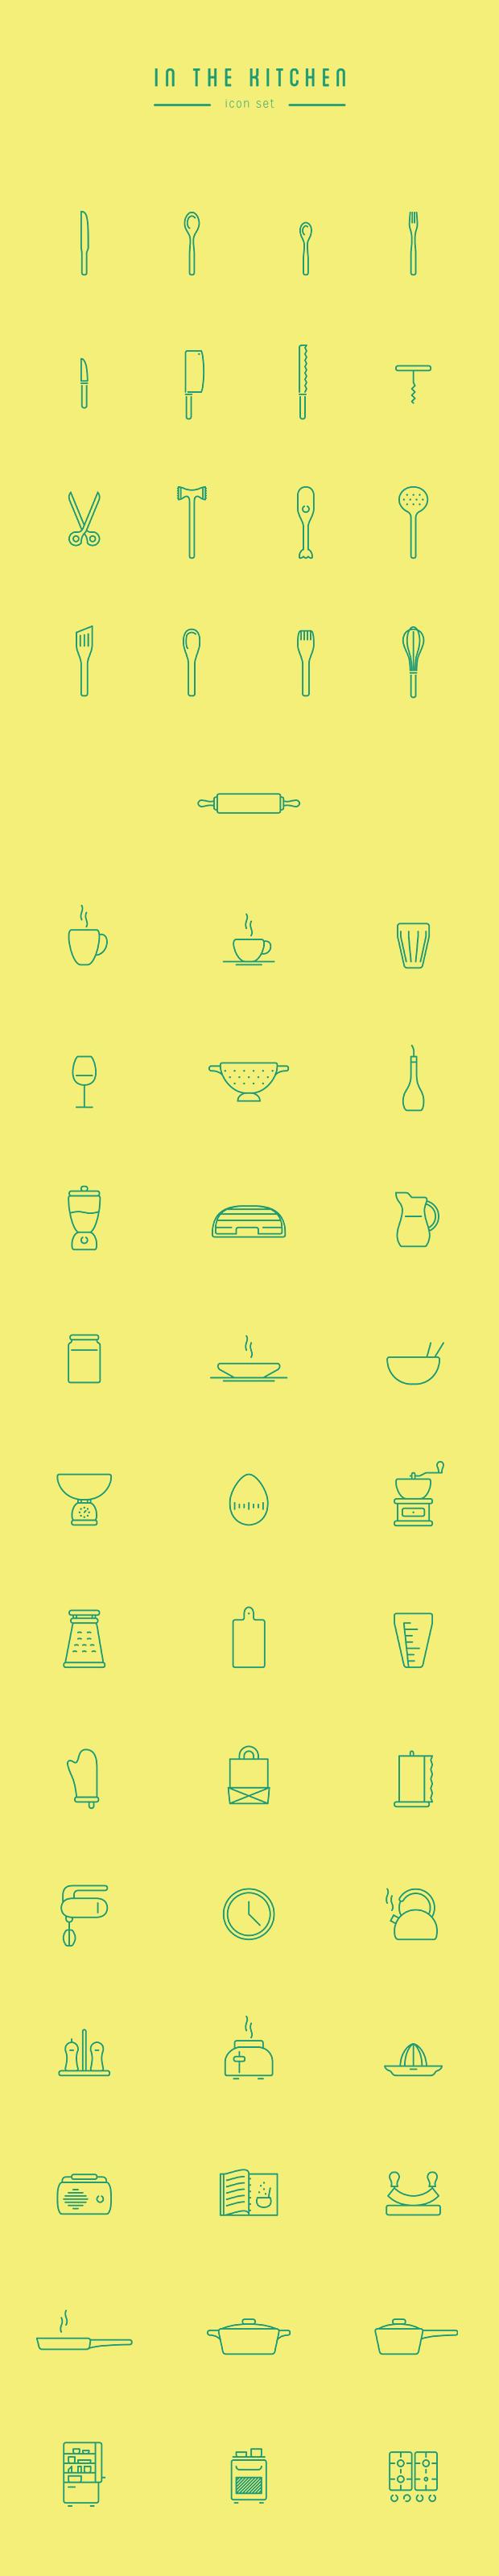 Iconos de cocina en descarga libre